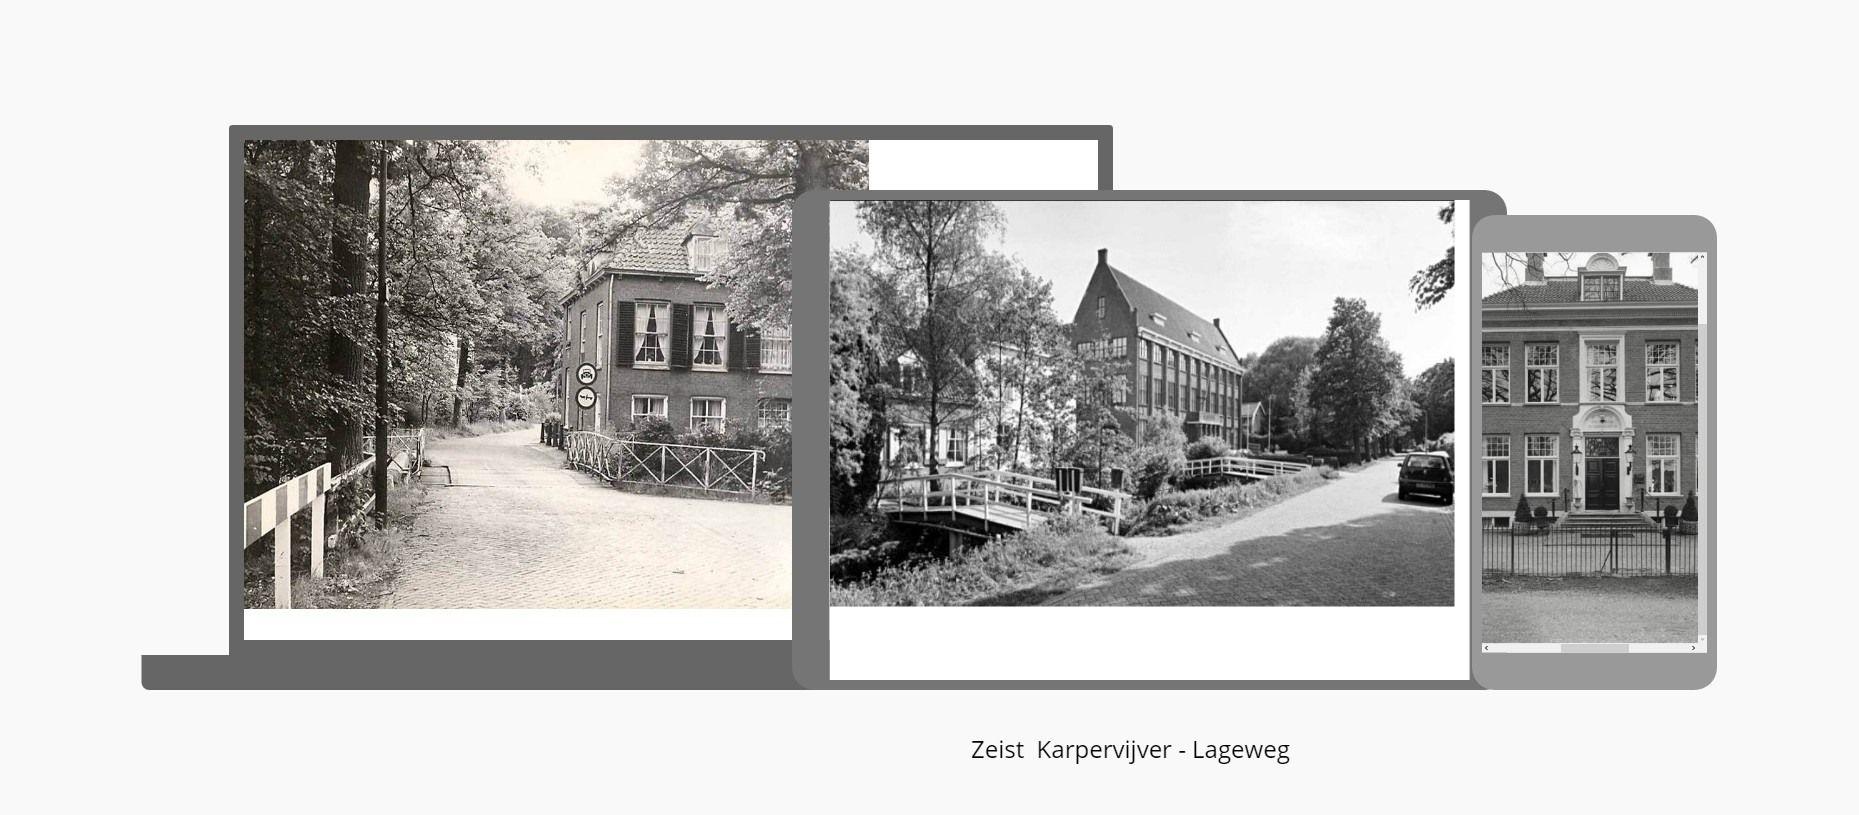 Zeist - karpervijver - Lageweg